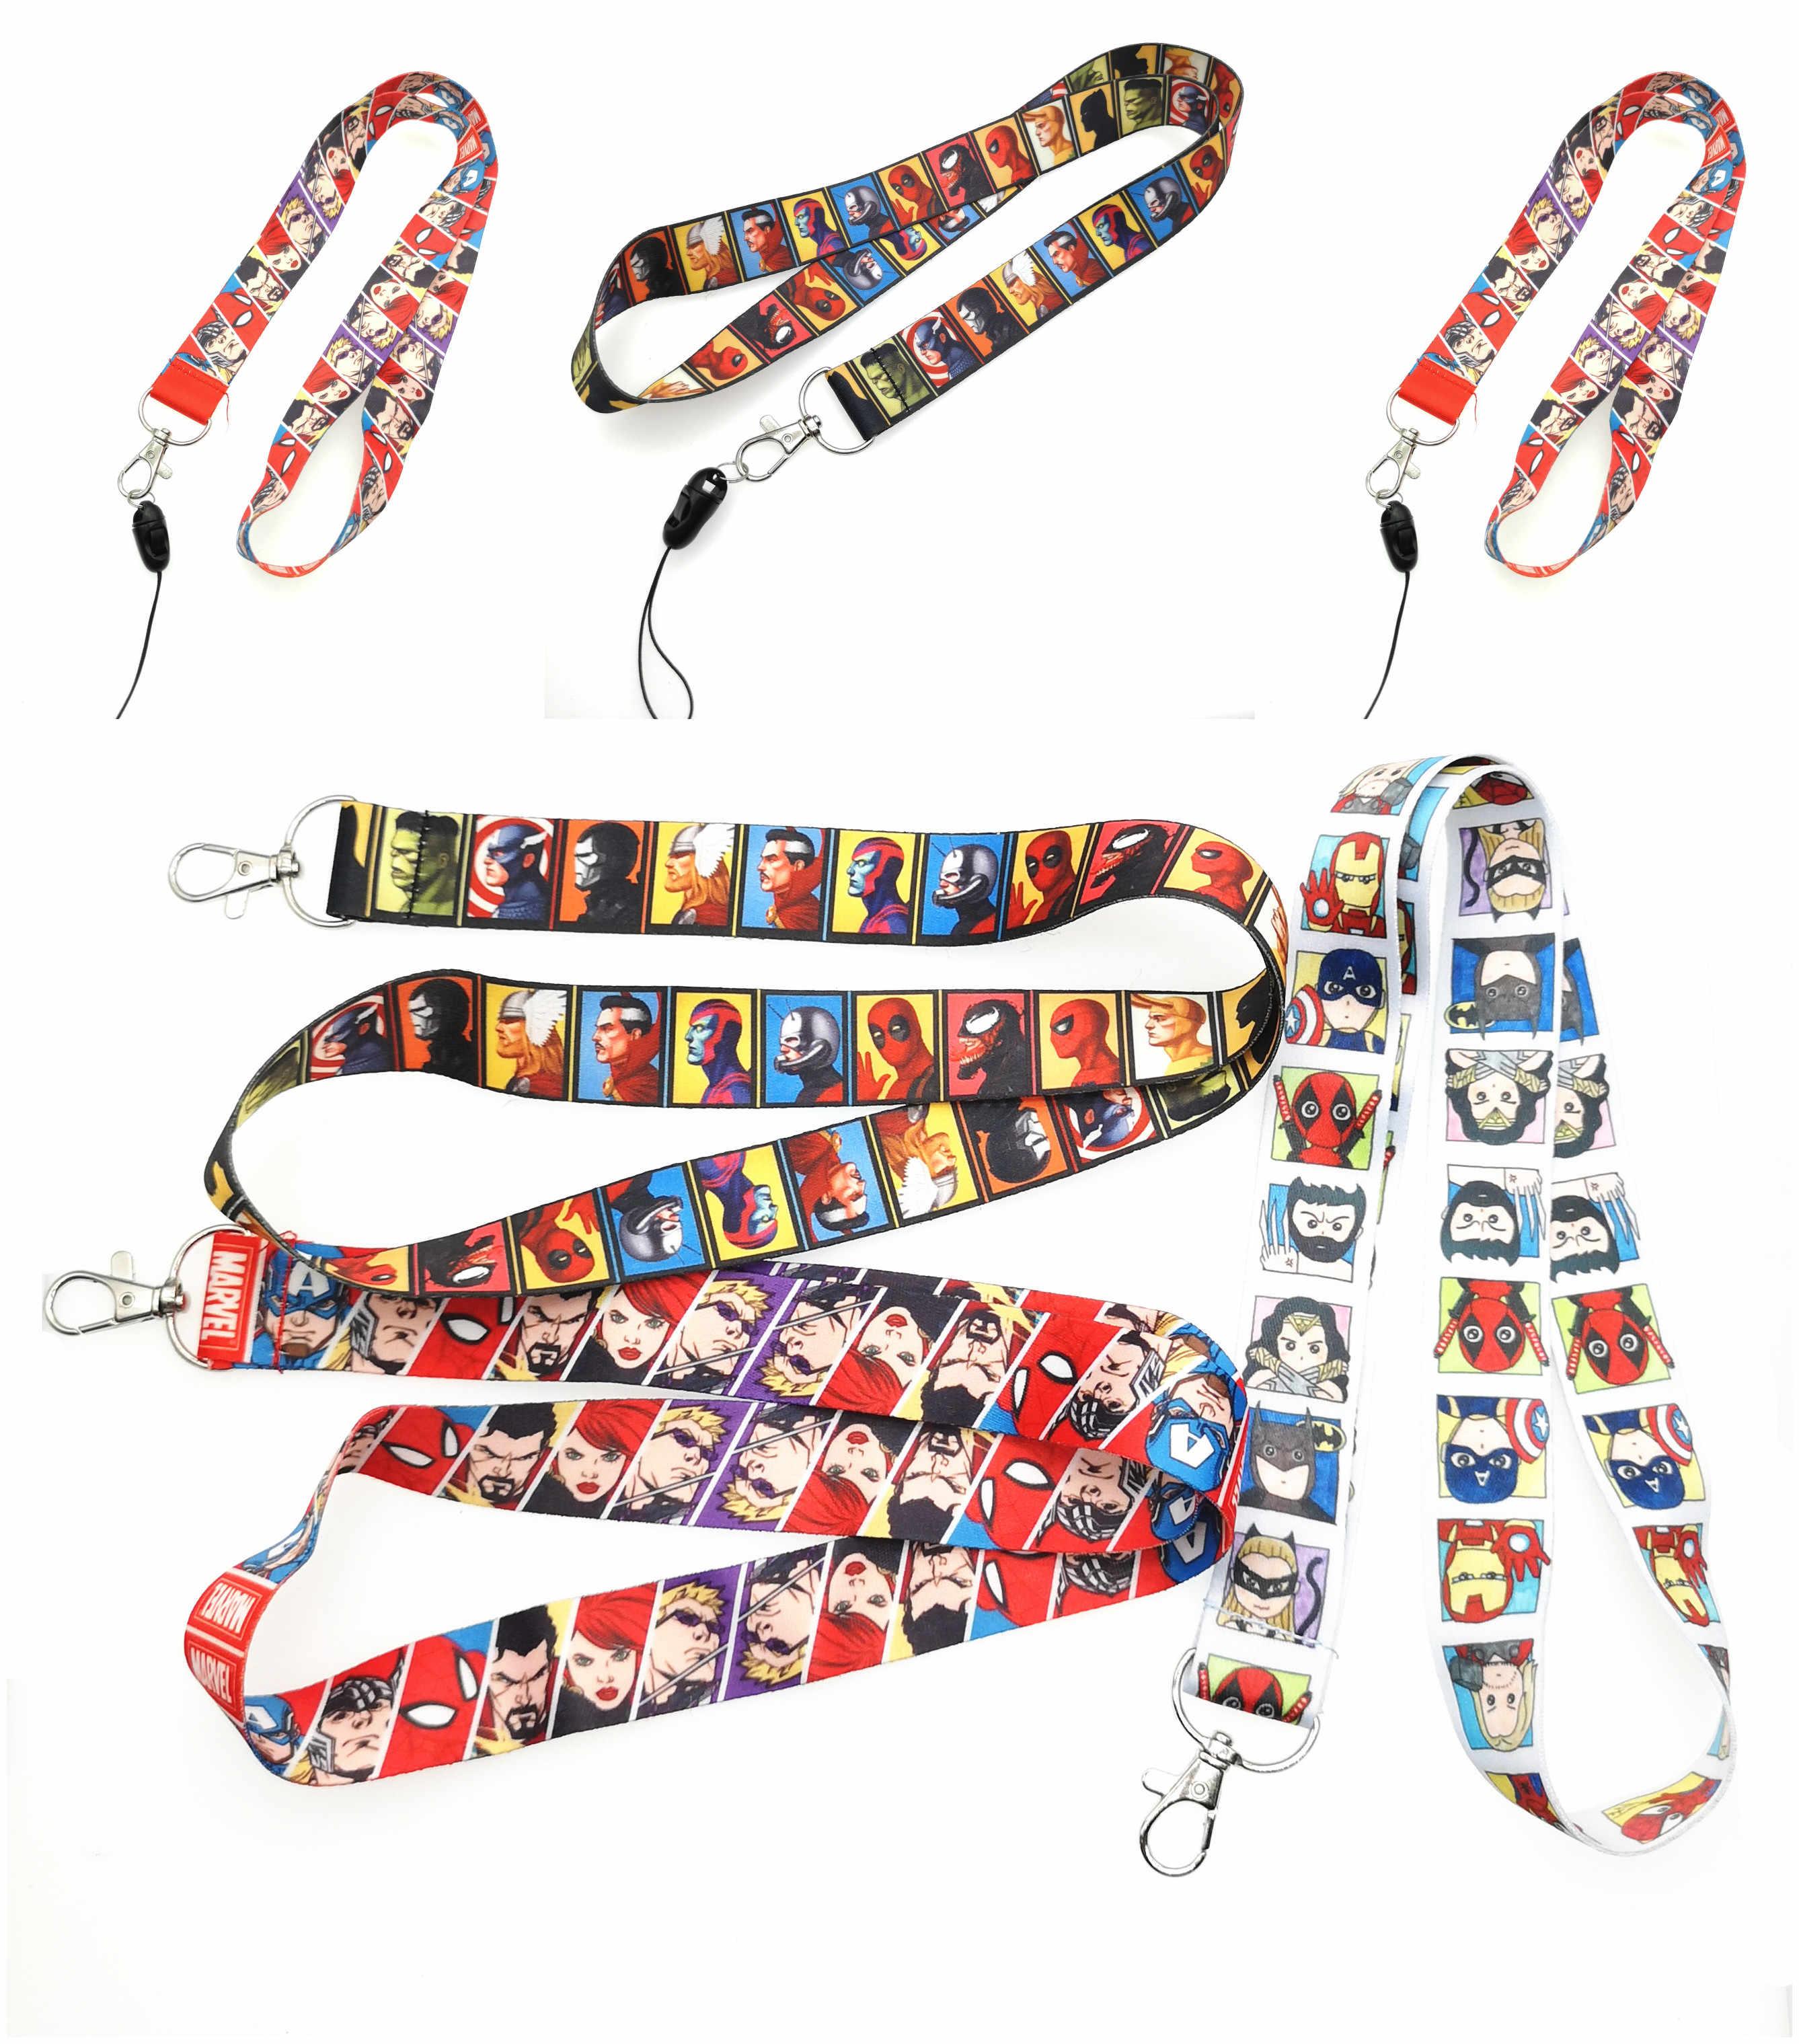 5 cái/10 cái/20 chiếc/bộ 50/100 viên bộ phim mới Avengers hoạt hình dây Cổ dây đeo Dây Điện Thoại Di Động Móc Khóa ID Huy Hiệu Móc Chìa Khóa